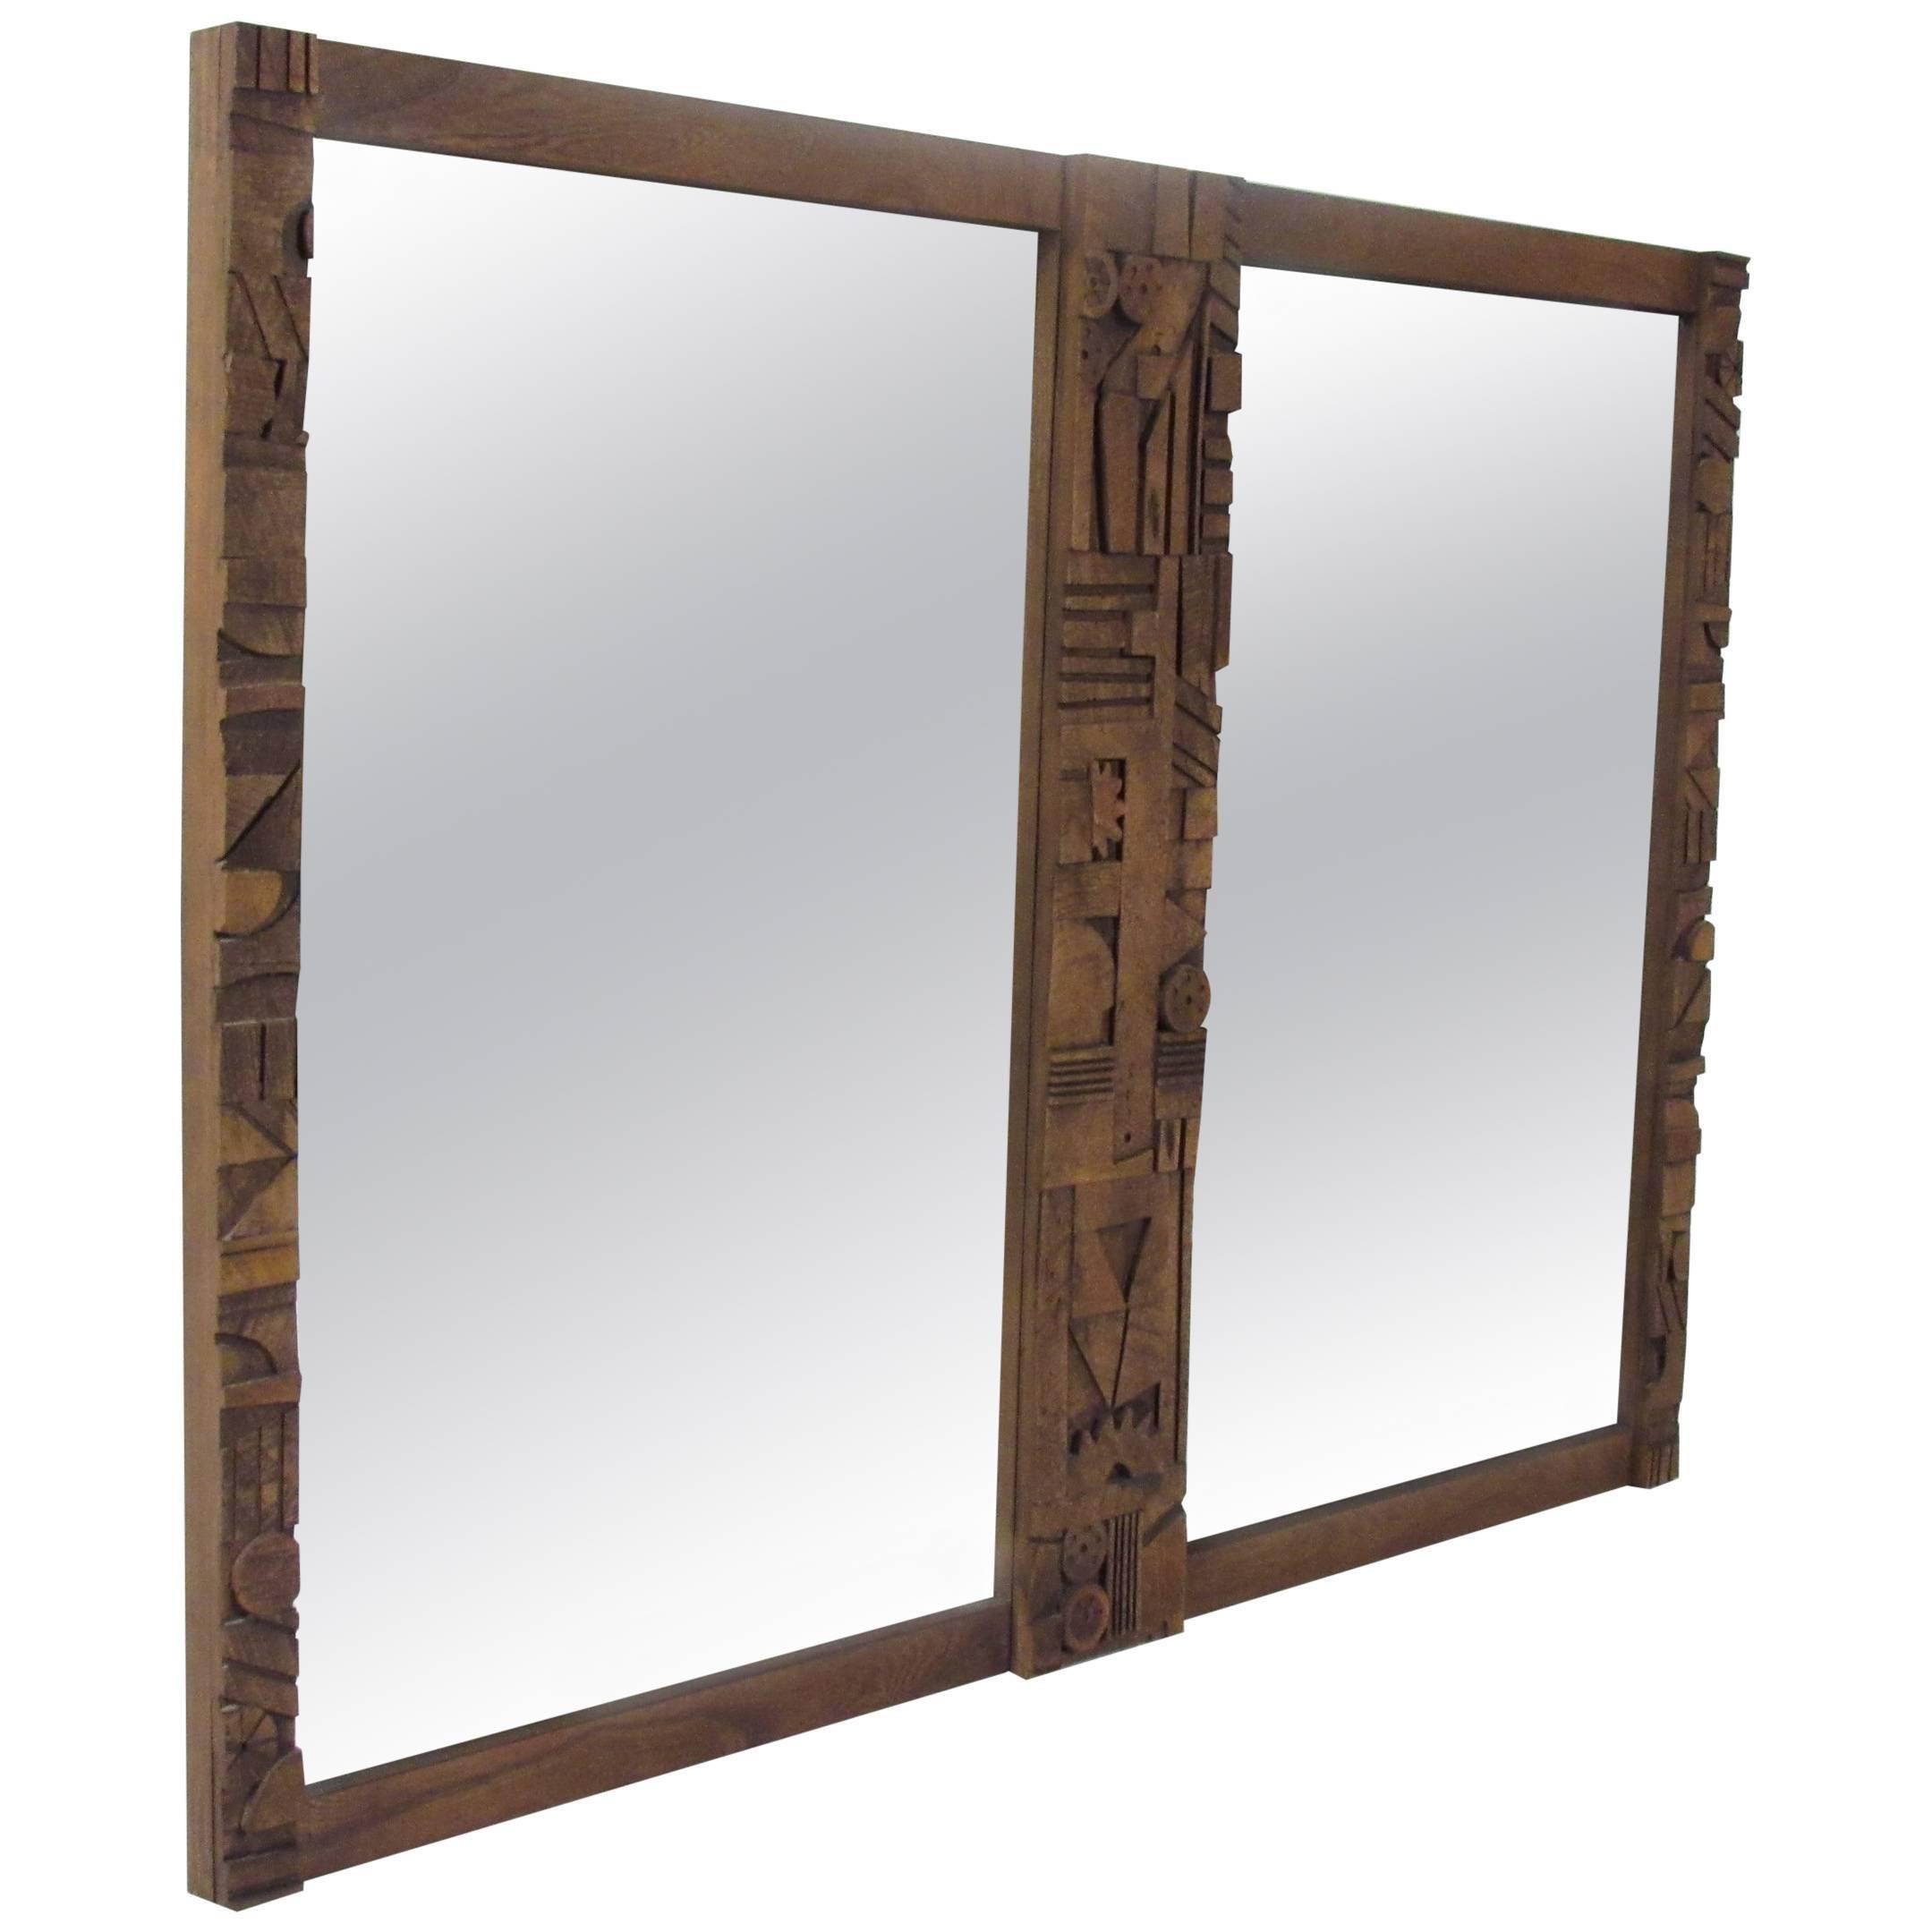 Mid-Century Modern Brutalist Mirror by Lane Furniture